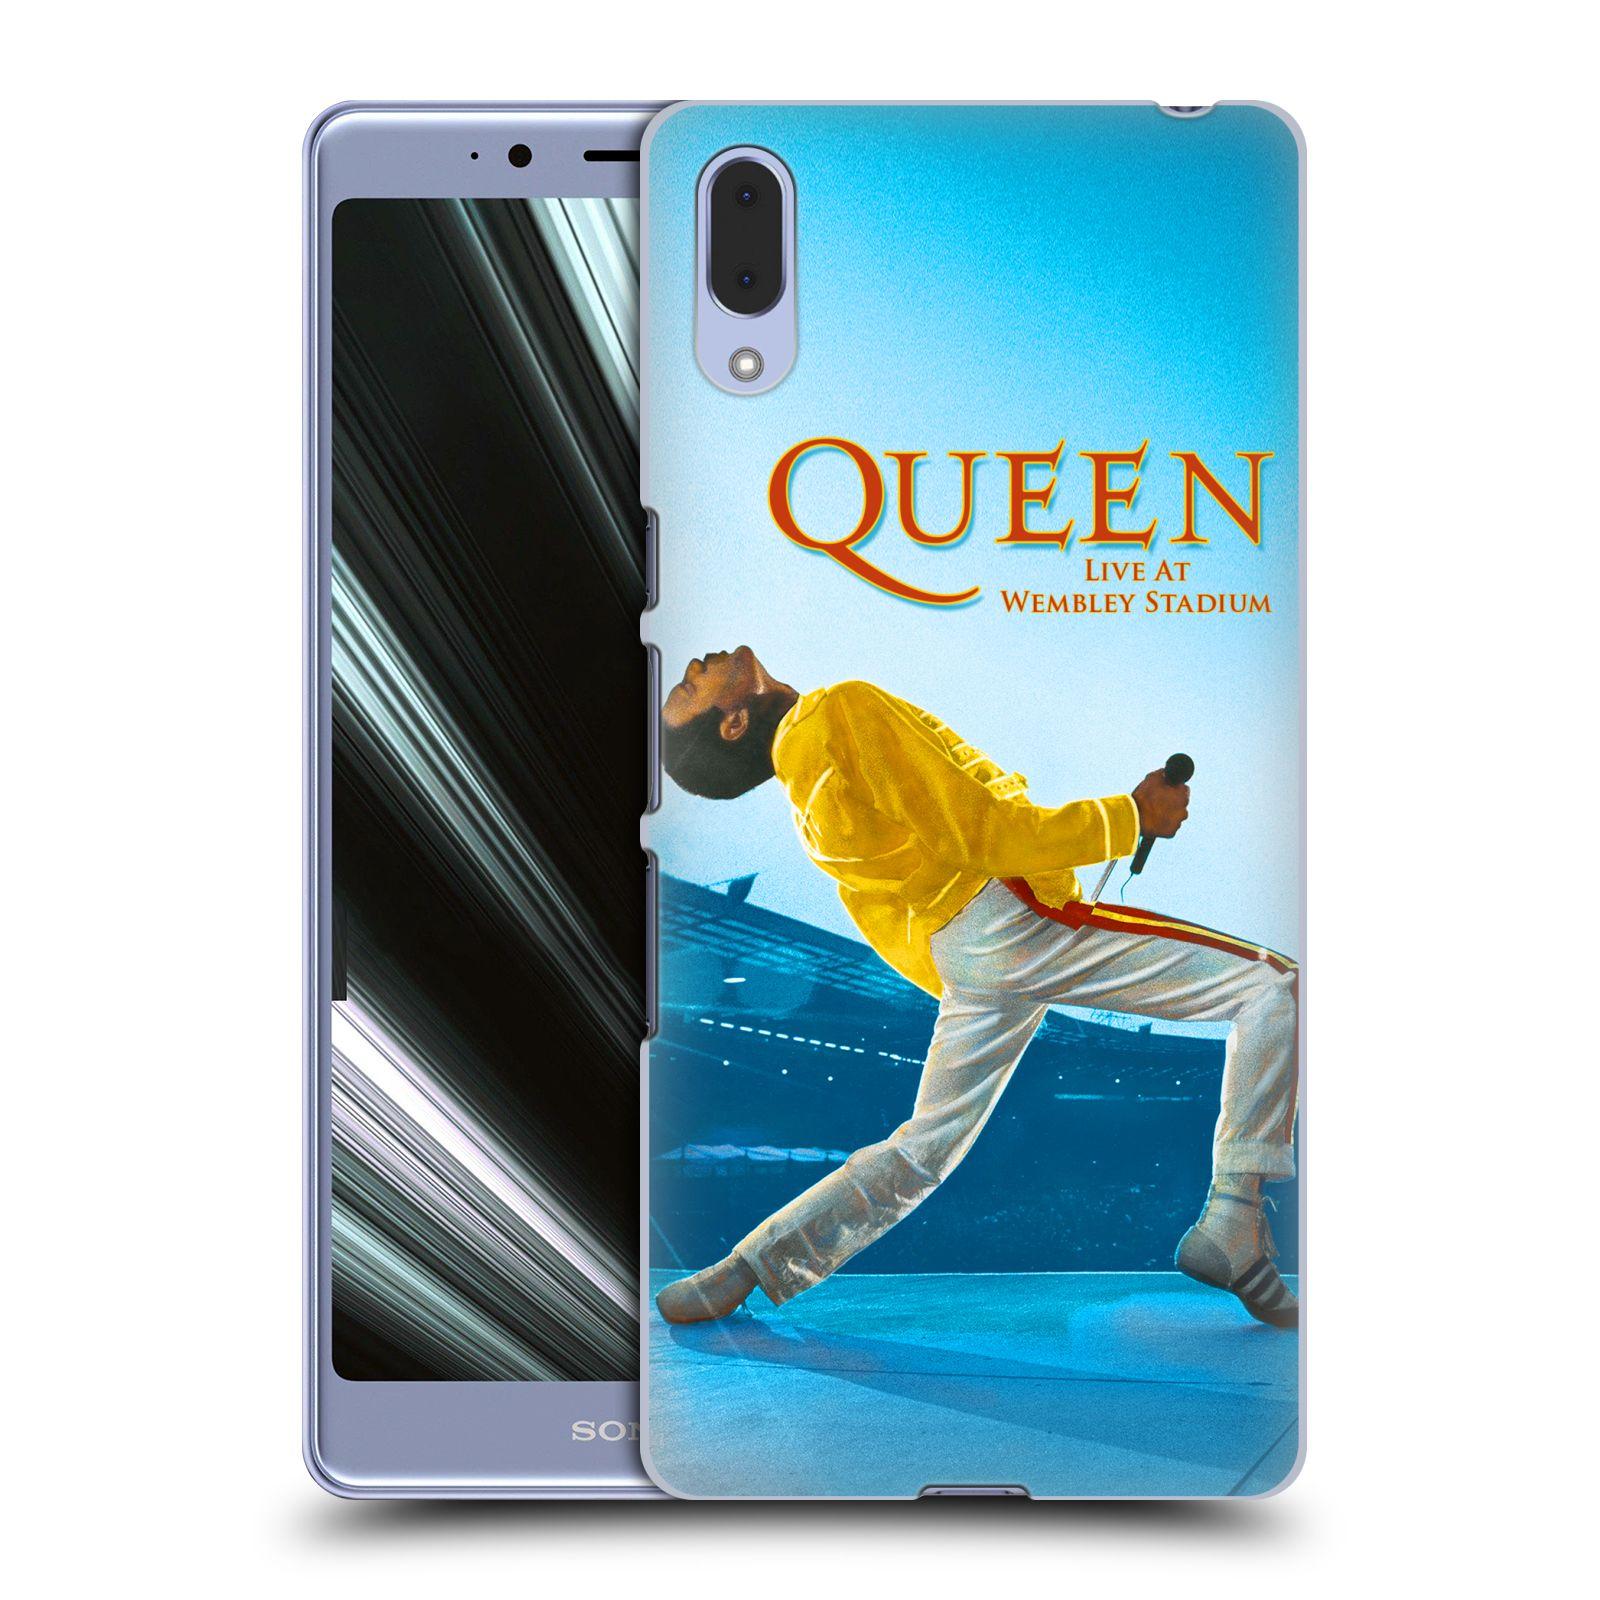 Plastové pouzdro na mobil Sony Xperia L3 - Head Case - Queen - Freddie Mercury